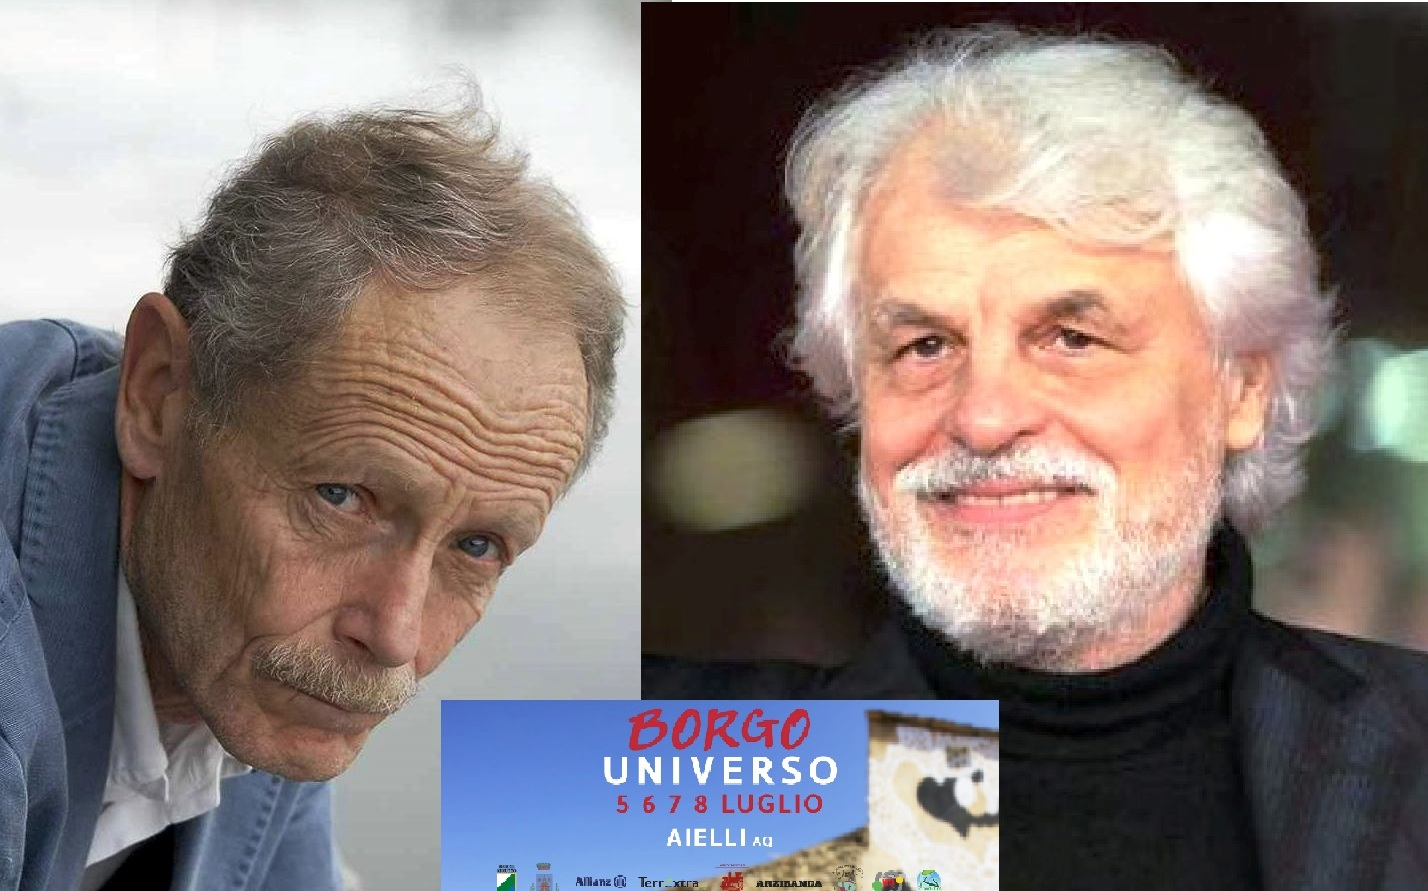 Michele Placido ad Aielli, borgo universo stupisce ancora